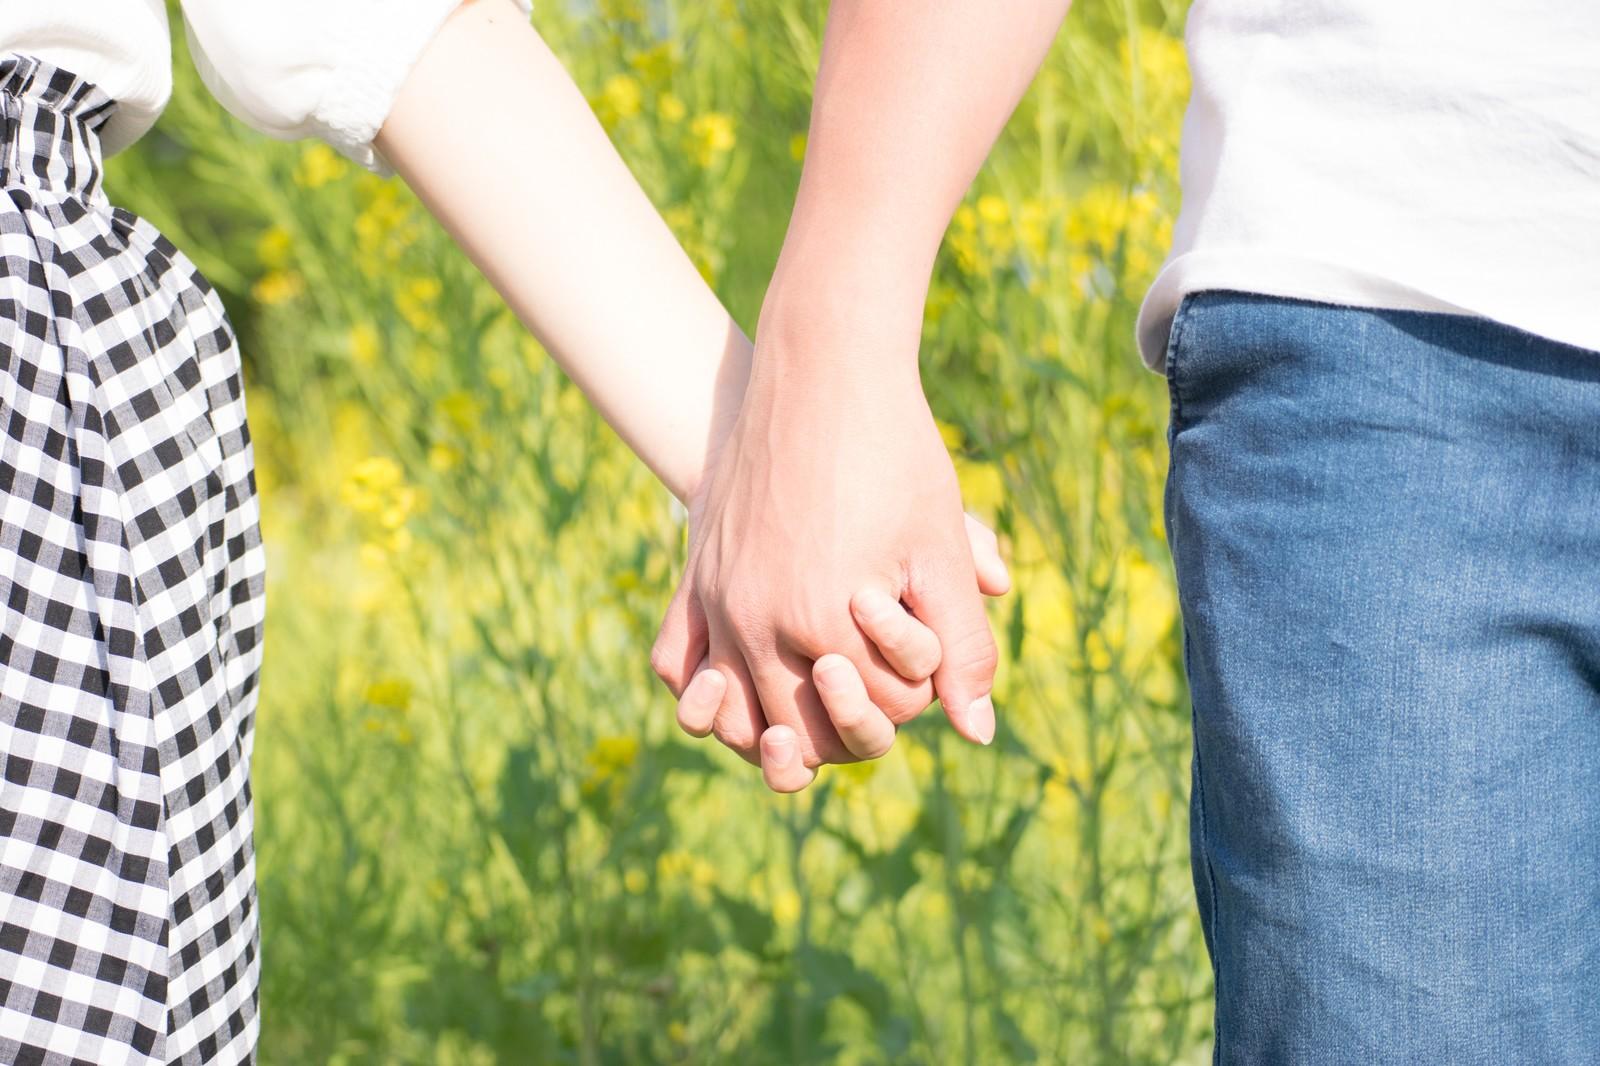 再婚禁止期間が短縮された理由とは?制度についてや男性・女性との違いも解説